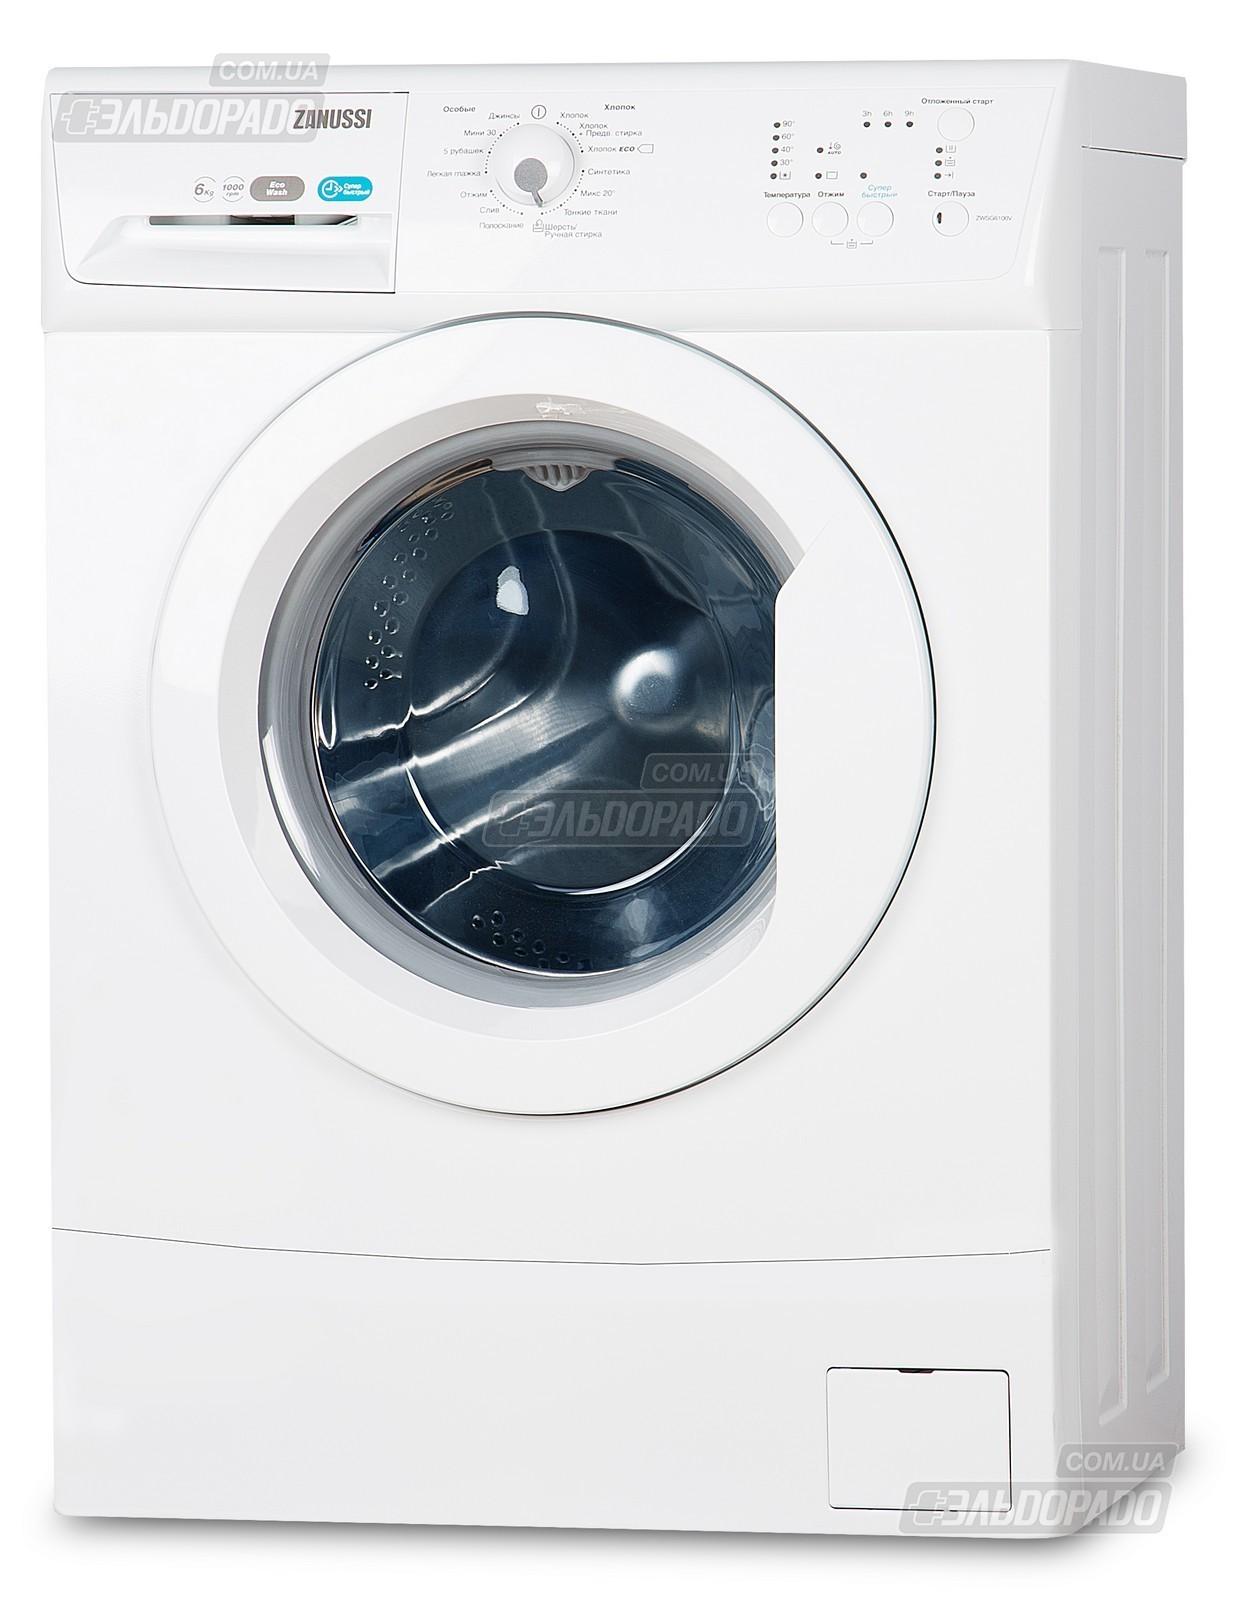 Обслуживание стиральных машин электролюкс Фрунзенская набережная отремонтировать стиральную машину 6-я Садовая улица (город Московский)